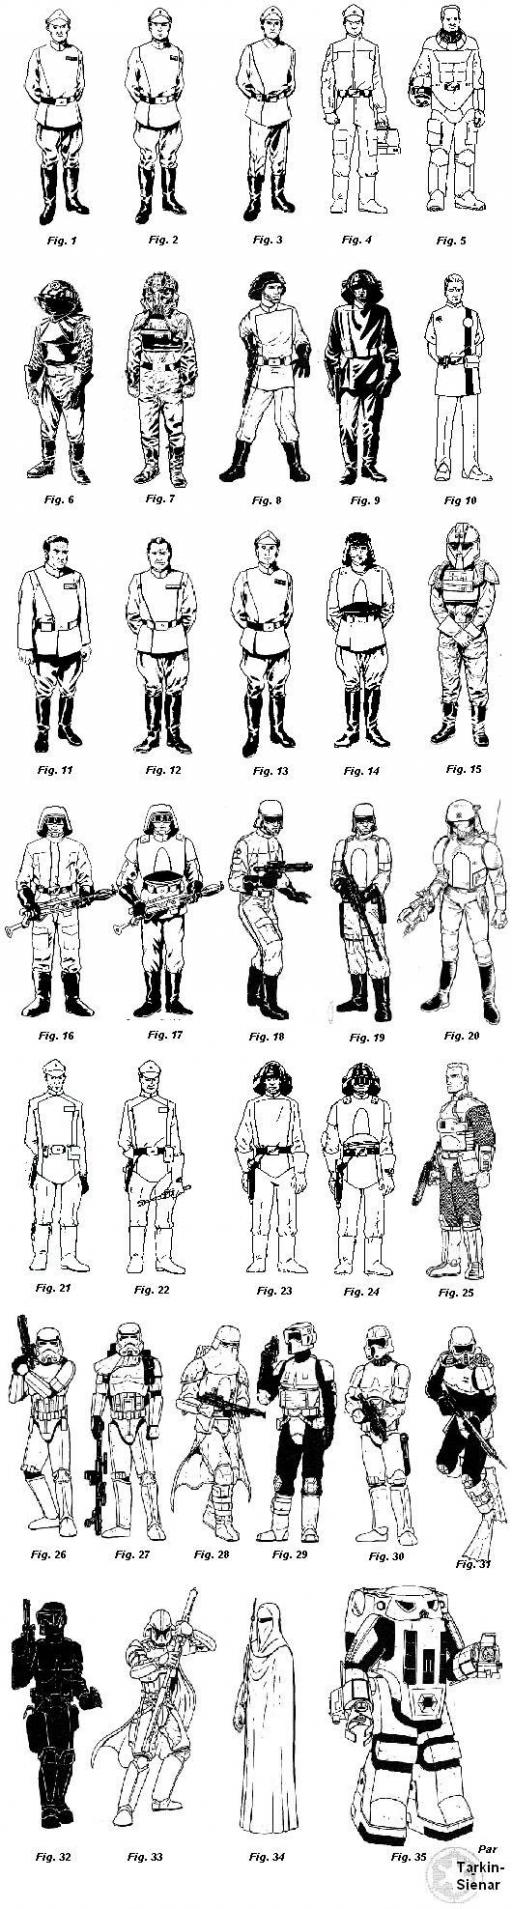 Planche II : Types d'uniformes et armures